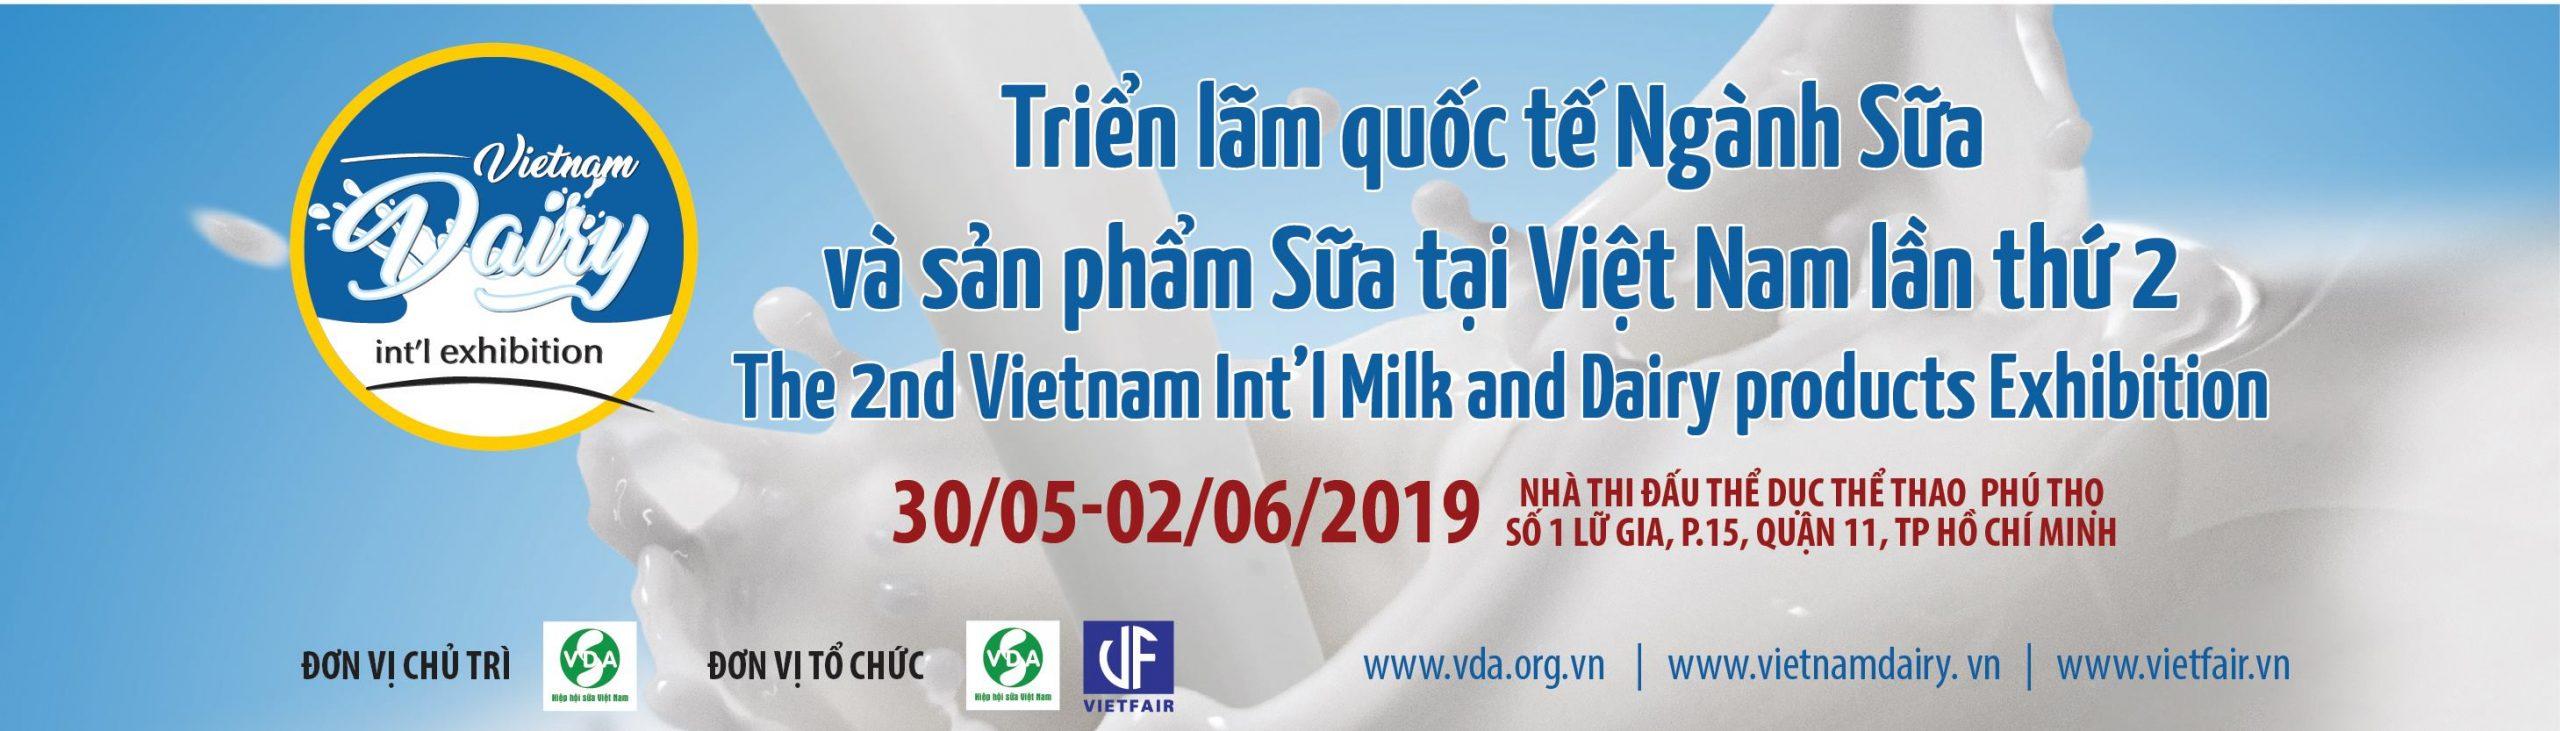 Triễn lãm ngành sữa tại Tp Hồ Chí Minh năm 2019